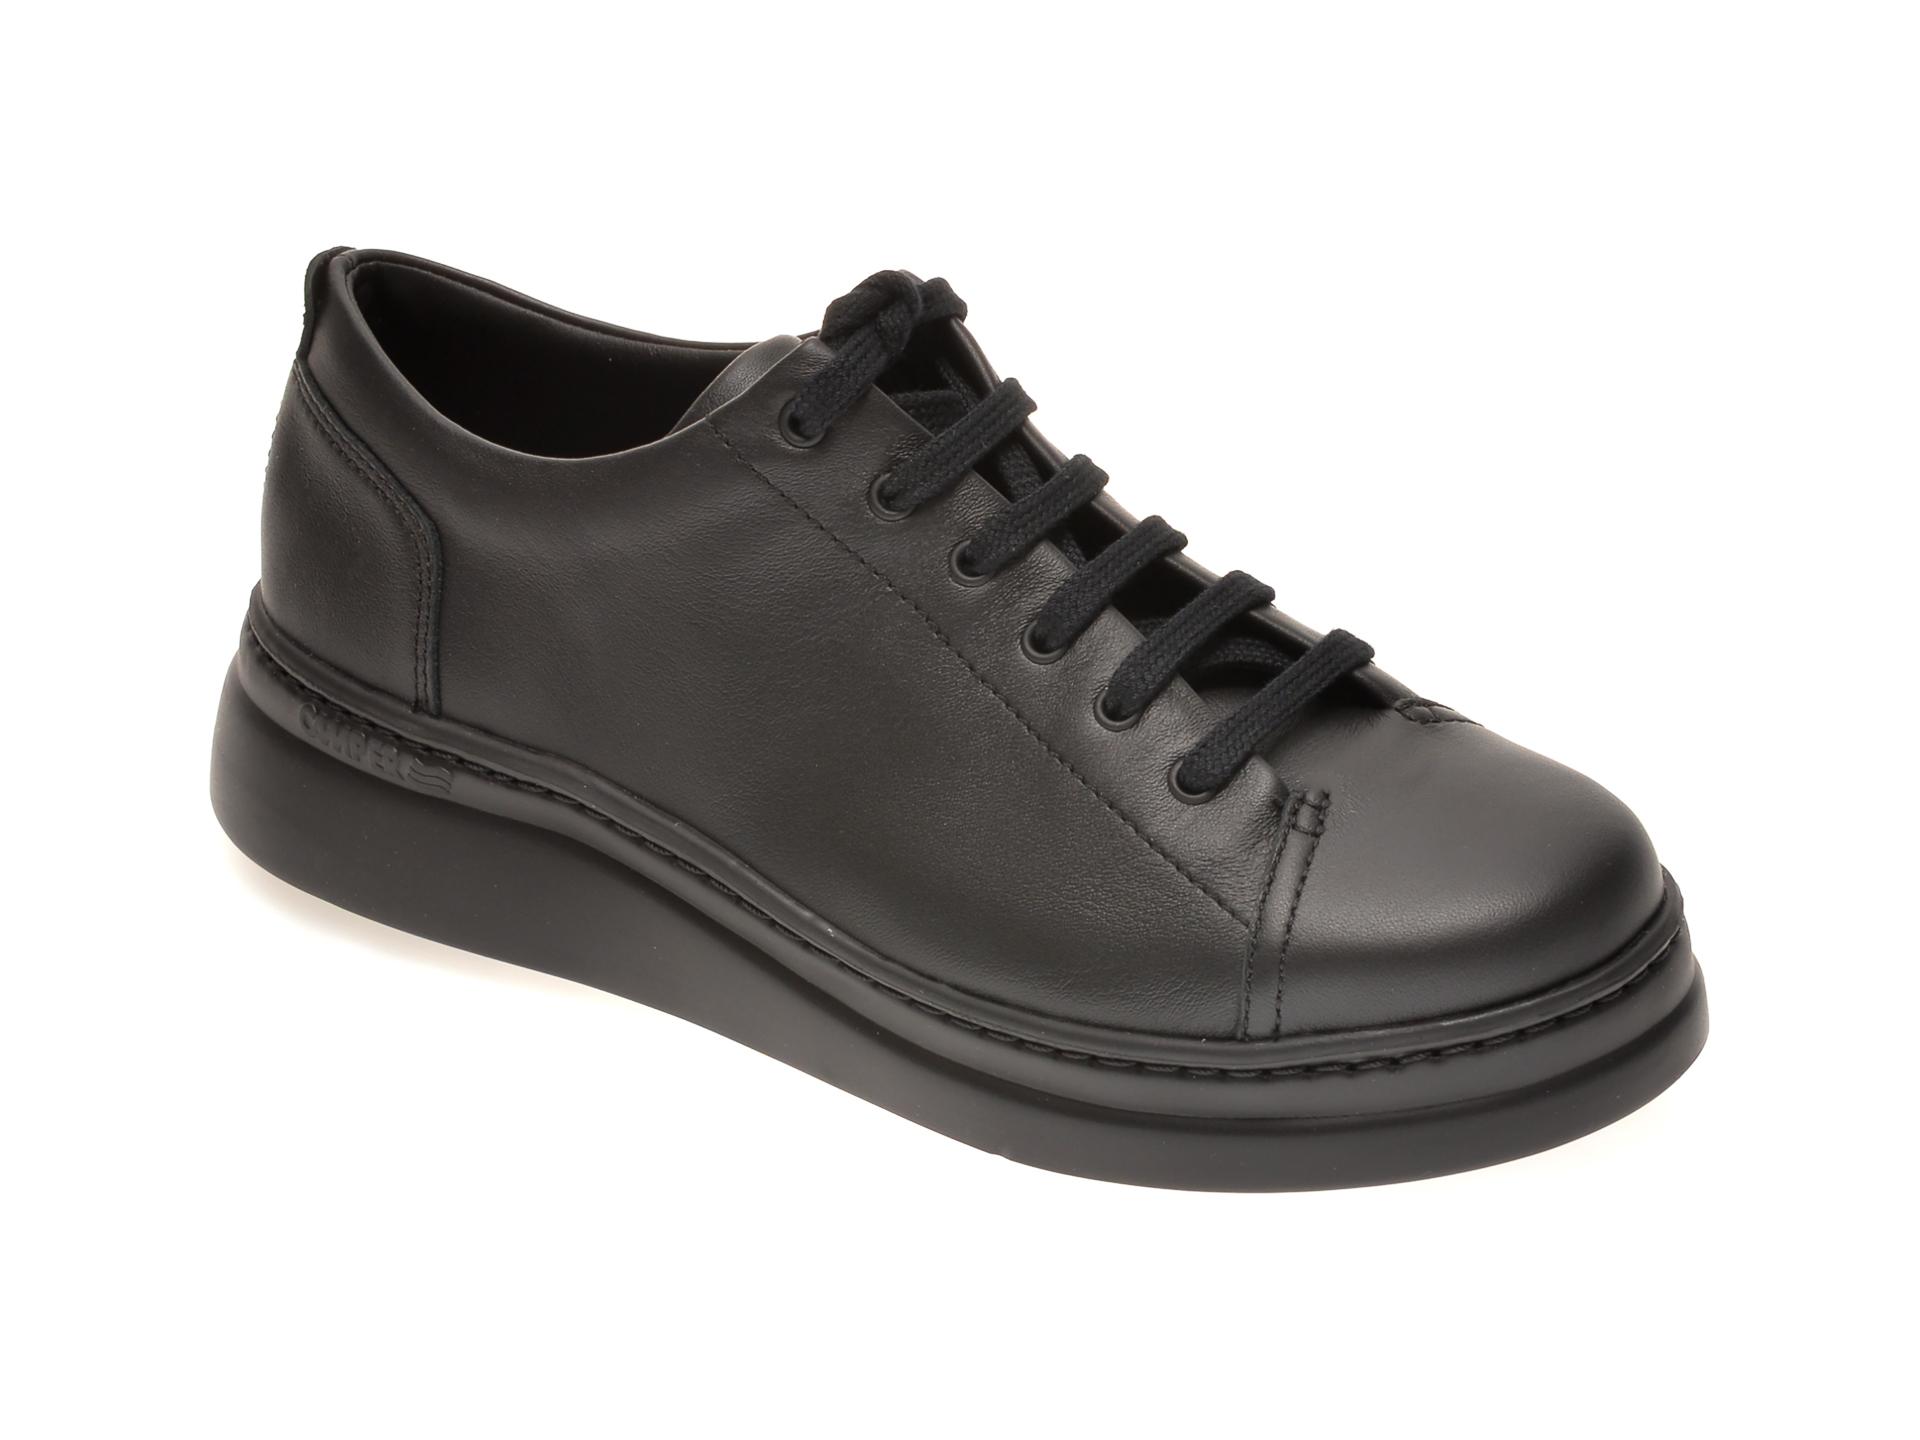 Pantofi CAMPER negri, K200508, din piele naturala